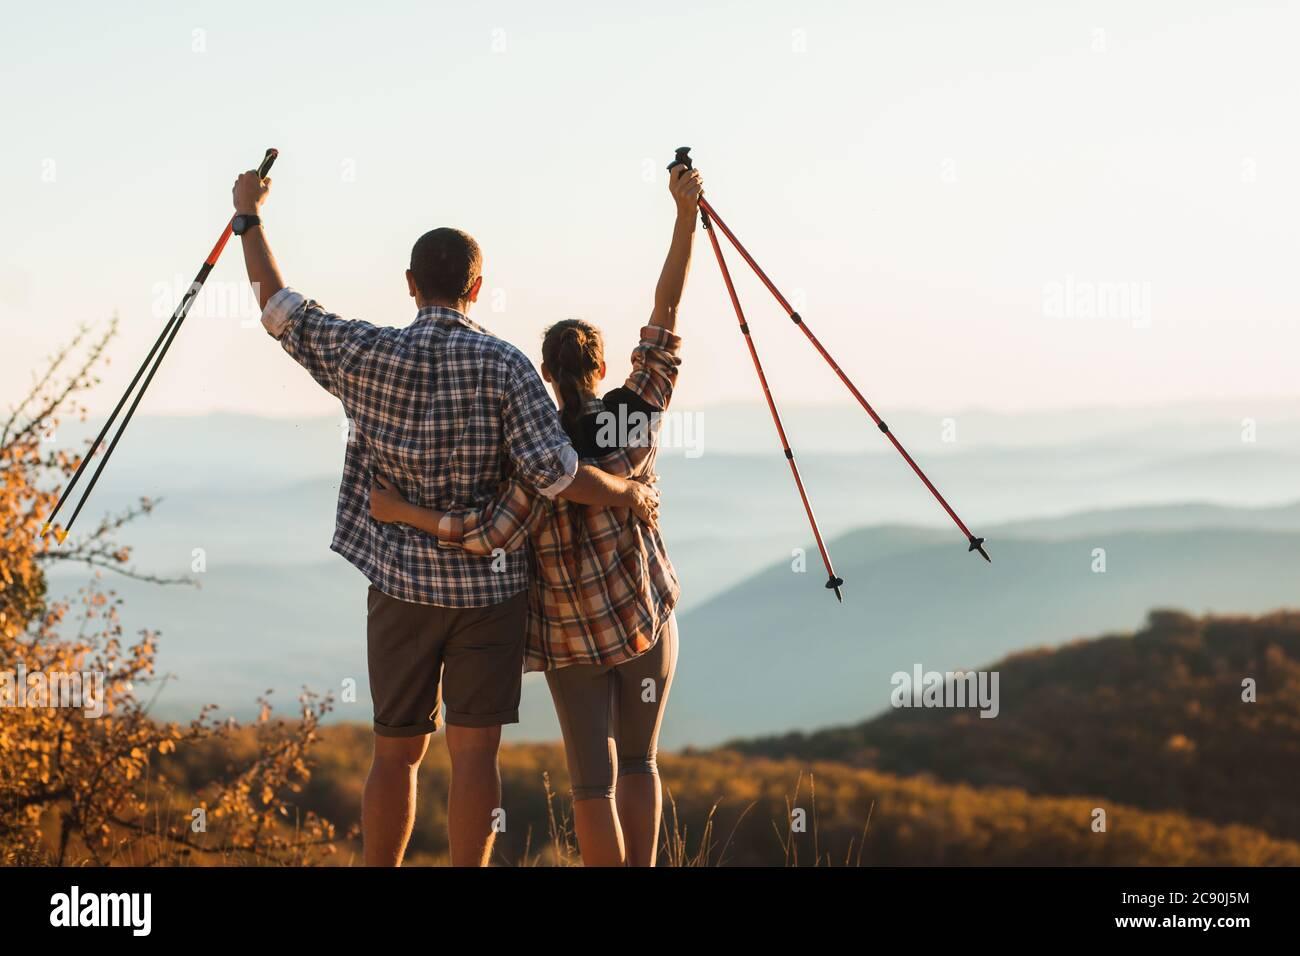 Pareja feliz de subir la cima de la montaña y mantener palos de senderismo. Marcha nórdica al aire libre, vista desde atrás. Viaje estilo de vida. Logro de la meta del éxito. Foto de stock